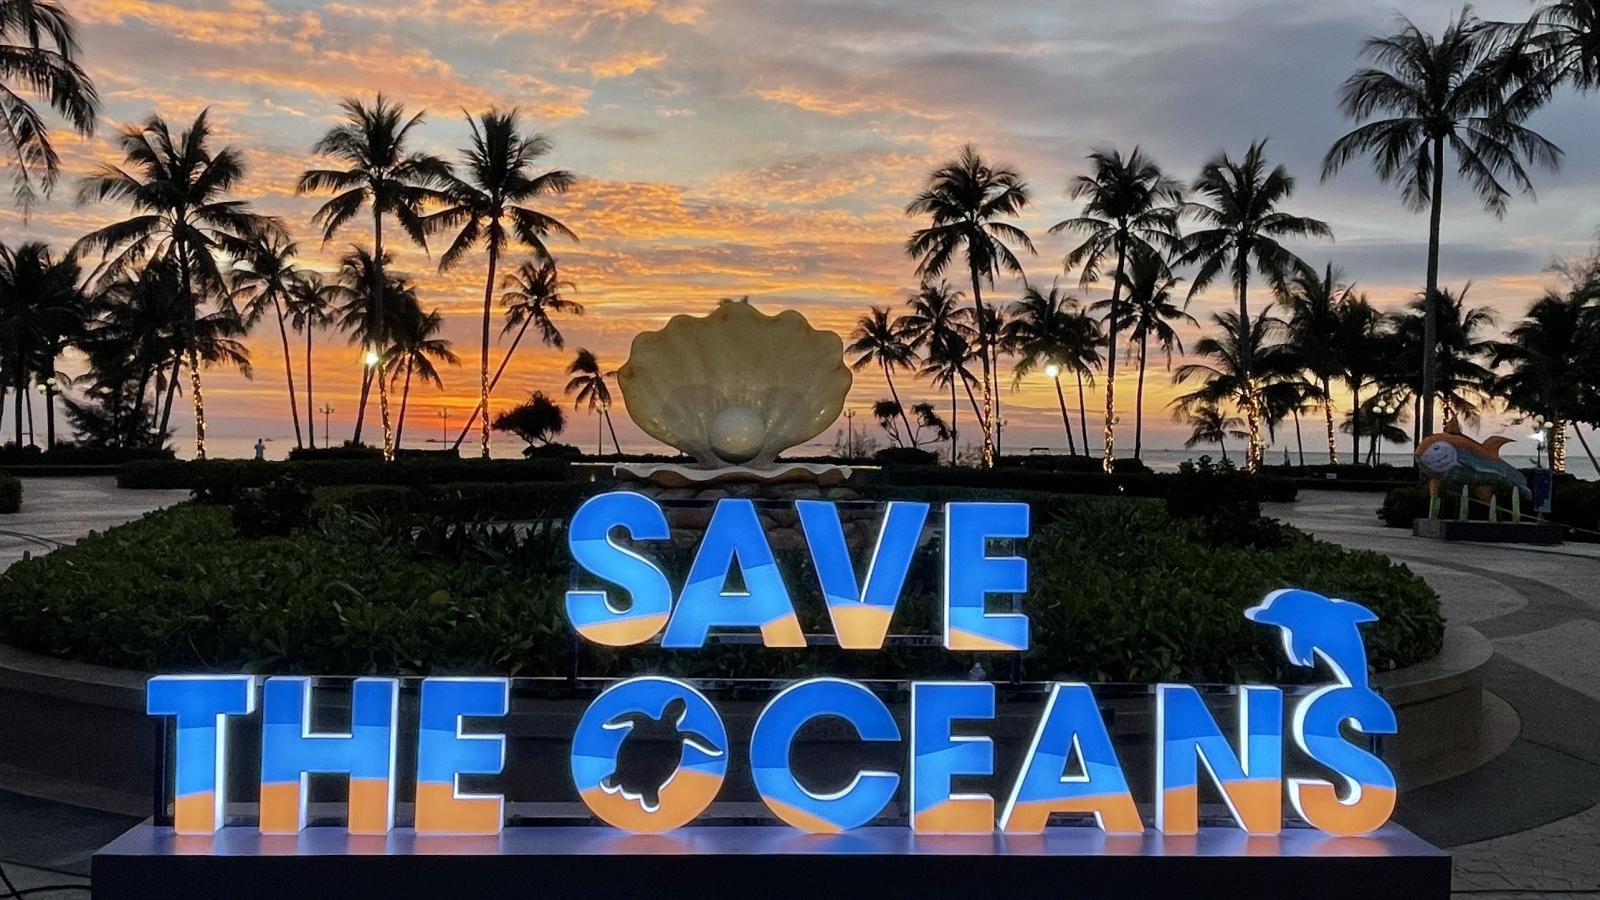 """Đảo ngọc Phú Quốc đón mùa lễ hội với triển lãm ánh sáng """"Save the Oceans"""""""